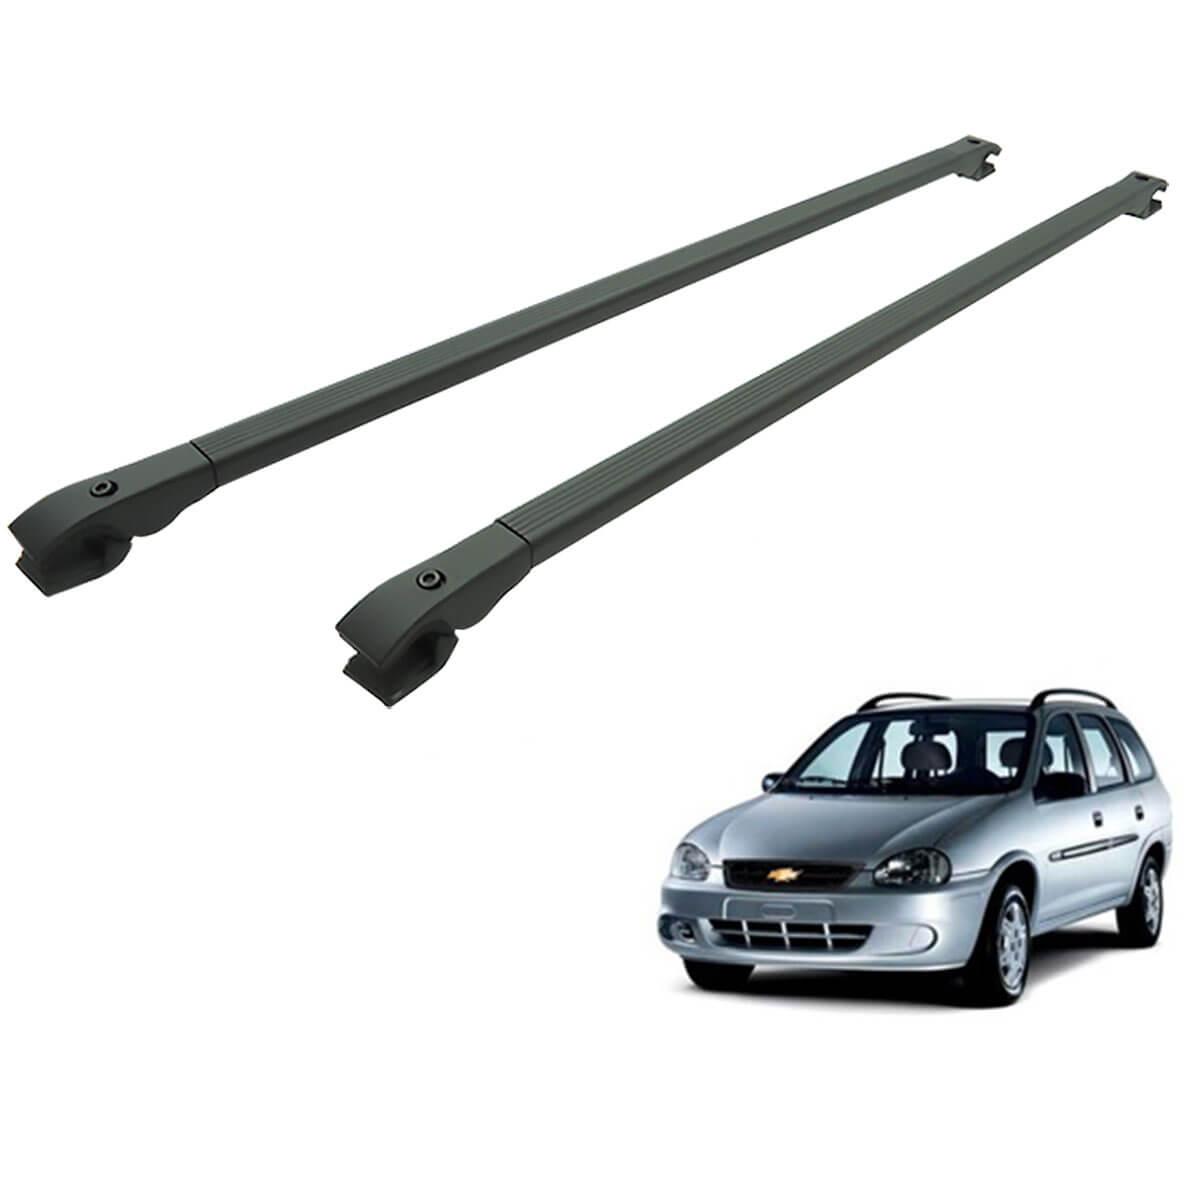 Travessa rack de teto alumínio preta Corsa Wagon 1997 a 2002